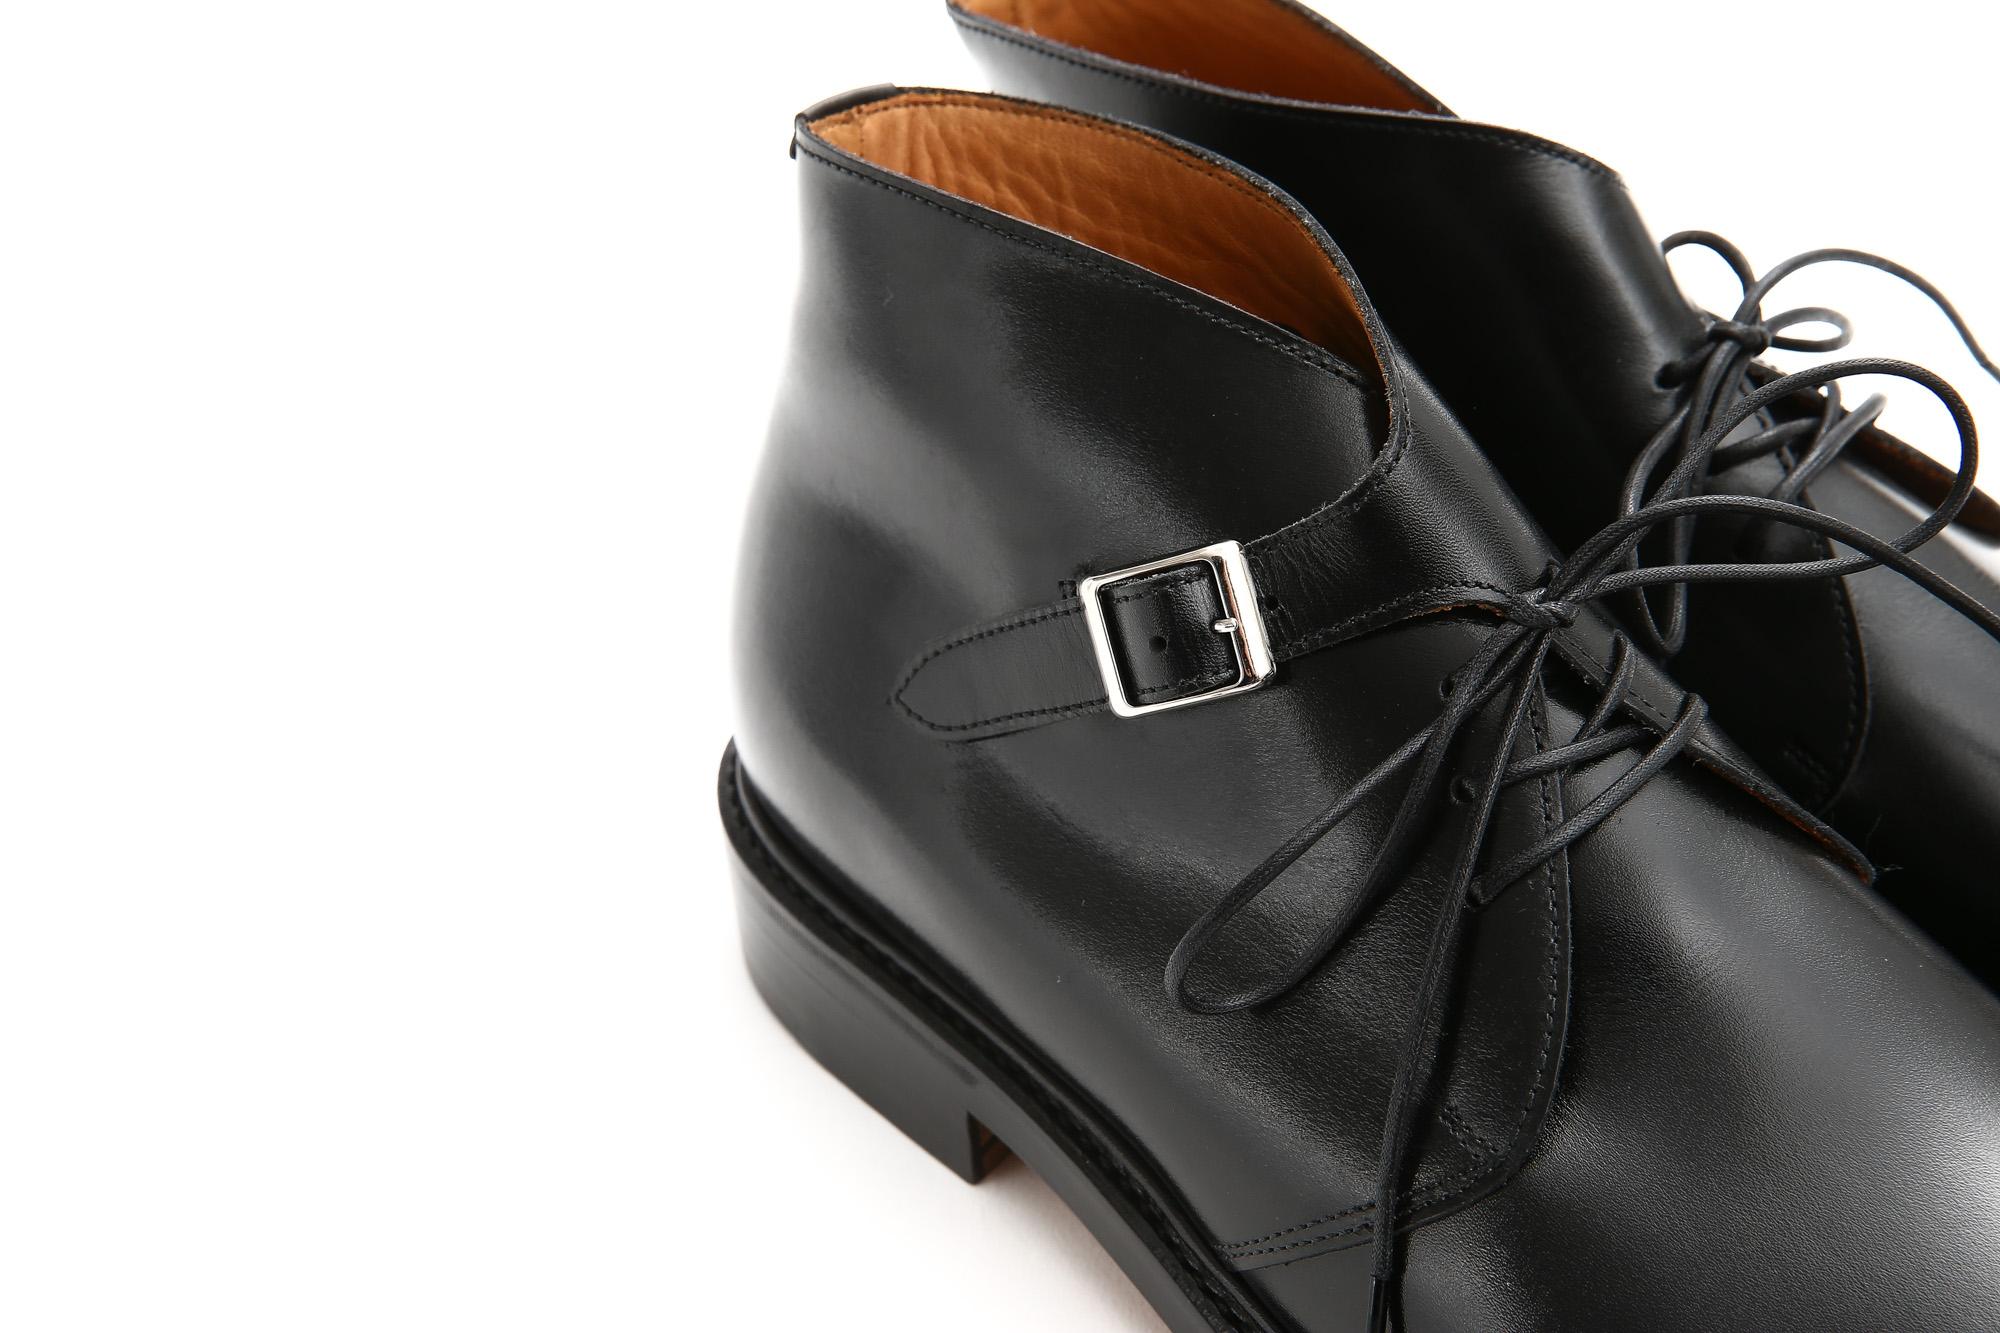 Cuervo (クエルボ) 【Derringer //// デリンジャー】 Annonay Vocalou Calf Leather アノネイ社 ボカルーカーフレザー Double Leather Sole Chukka Boots チャッカブーツ  BLACK(ブラック) MADE IN JAPAN(日本製) 2017 秋冬新作 Annonay Vocalou Calf Leather Goodyear Welt Process Leather Sole  BLACK MADE IN JAPAN 愛知 名古屋 ZODIAC ゾディアック クエルボ cuervo ブーツ ブライドルレザー 牛革 ブライドル ブーツ コラボレート ヒロシツボウチ 坪内浩 エンツォボナフェ ボナフェ ベネチアンクリーム JOHN LOBB ジョンロブ CHURCH'S チャーチ JOSEPH CHEANEY ジョセフチーニー CORTHAY コルテ ALFRED SARGENT アルフレッドサージェント CROCKETT&JONES クロケットジョーンズ F.LLI GIACOMETTI フラテッリジャコメッティ ENZO BONAFE エンツォボナフェ BETTANIN&VENTURI ベッタニンヴェントゥーリ JALAN SRIWIJAYA ジャランスリウァヤ J.W.WESTON ジェイエムウエストン SANTONI サントーニ SERGIO ROSSI セルジオロッシ CARMINA カルミナ